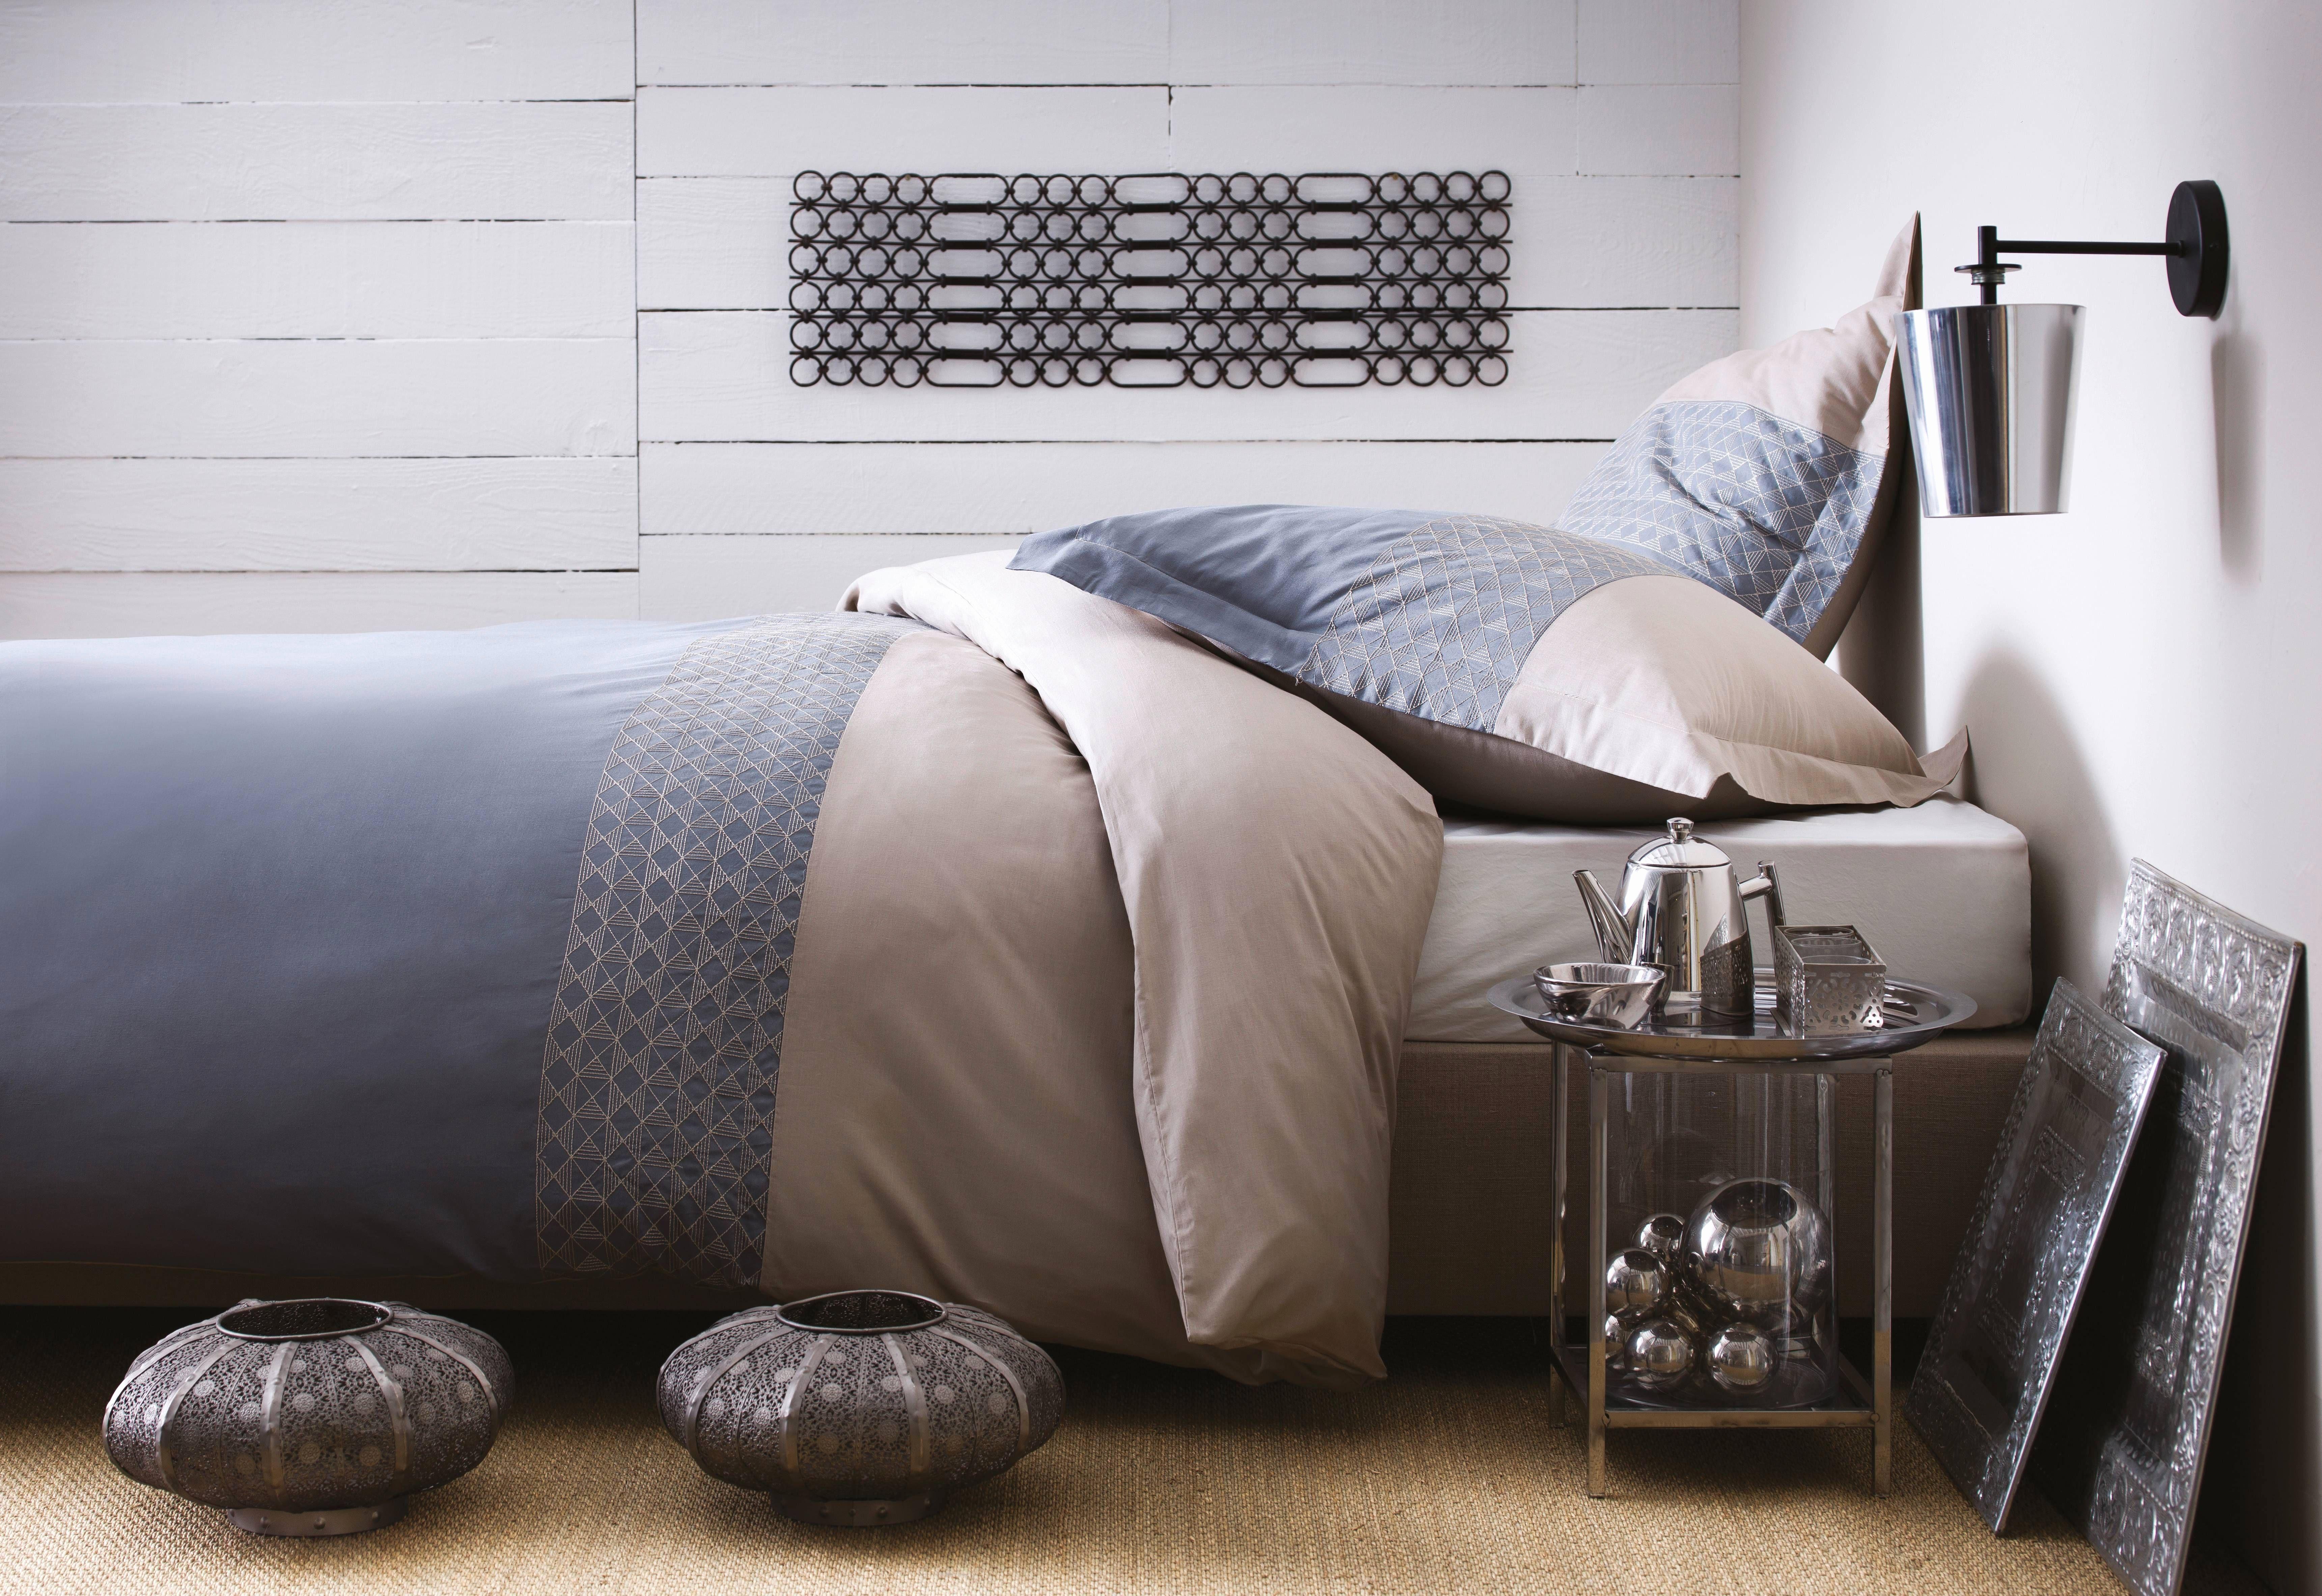 Parure De Lit 200×200 Luxe Linge De Lit 200—200 Beau Parures De Lit Coussins Linge De Maison